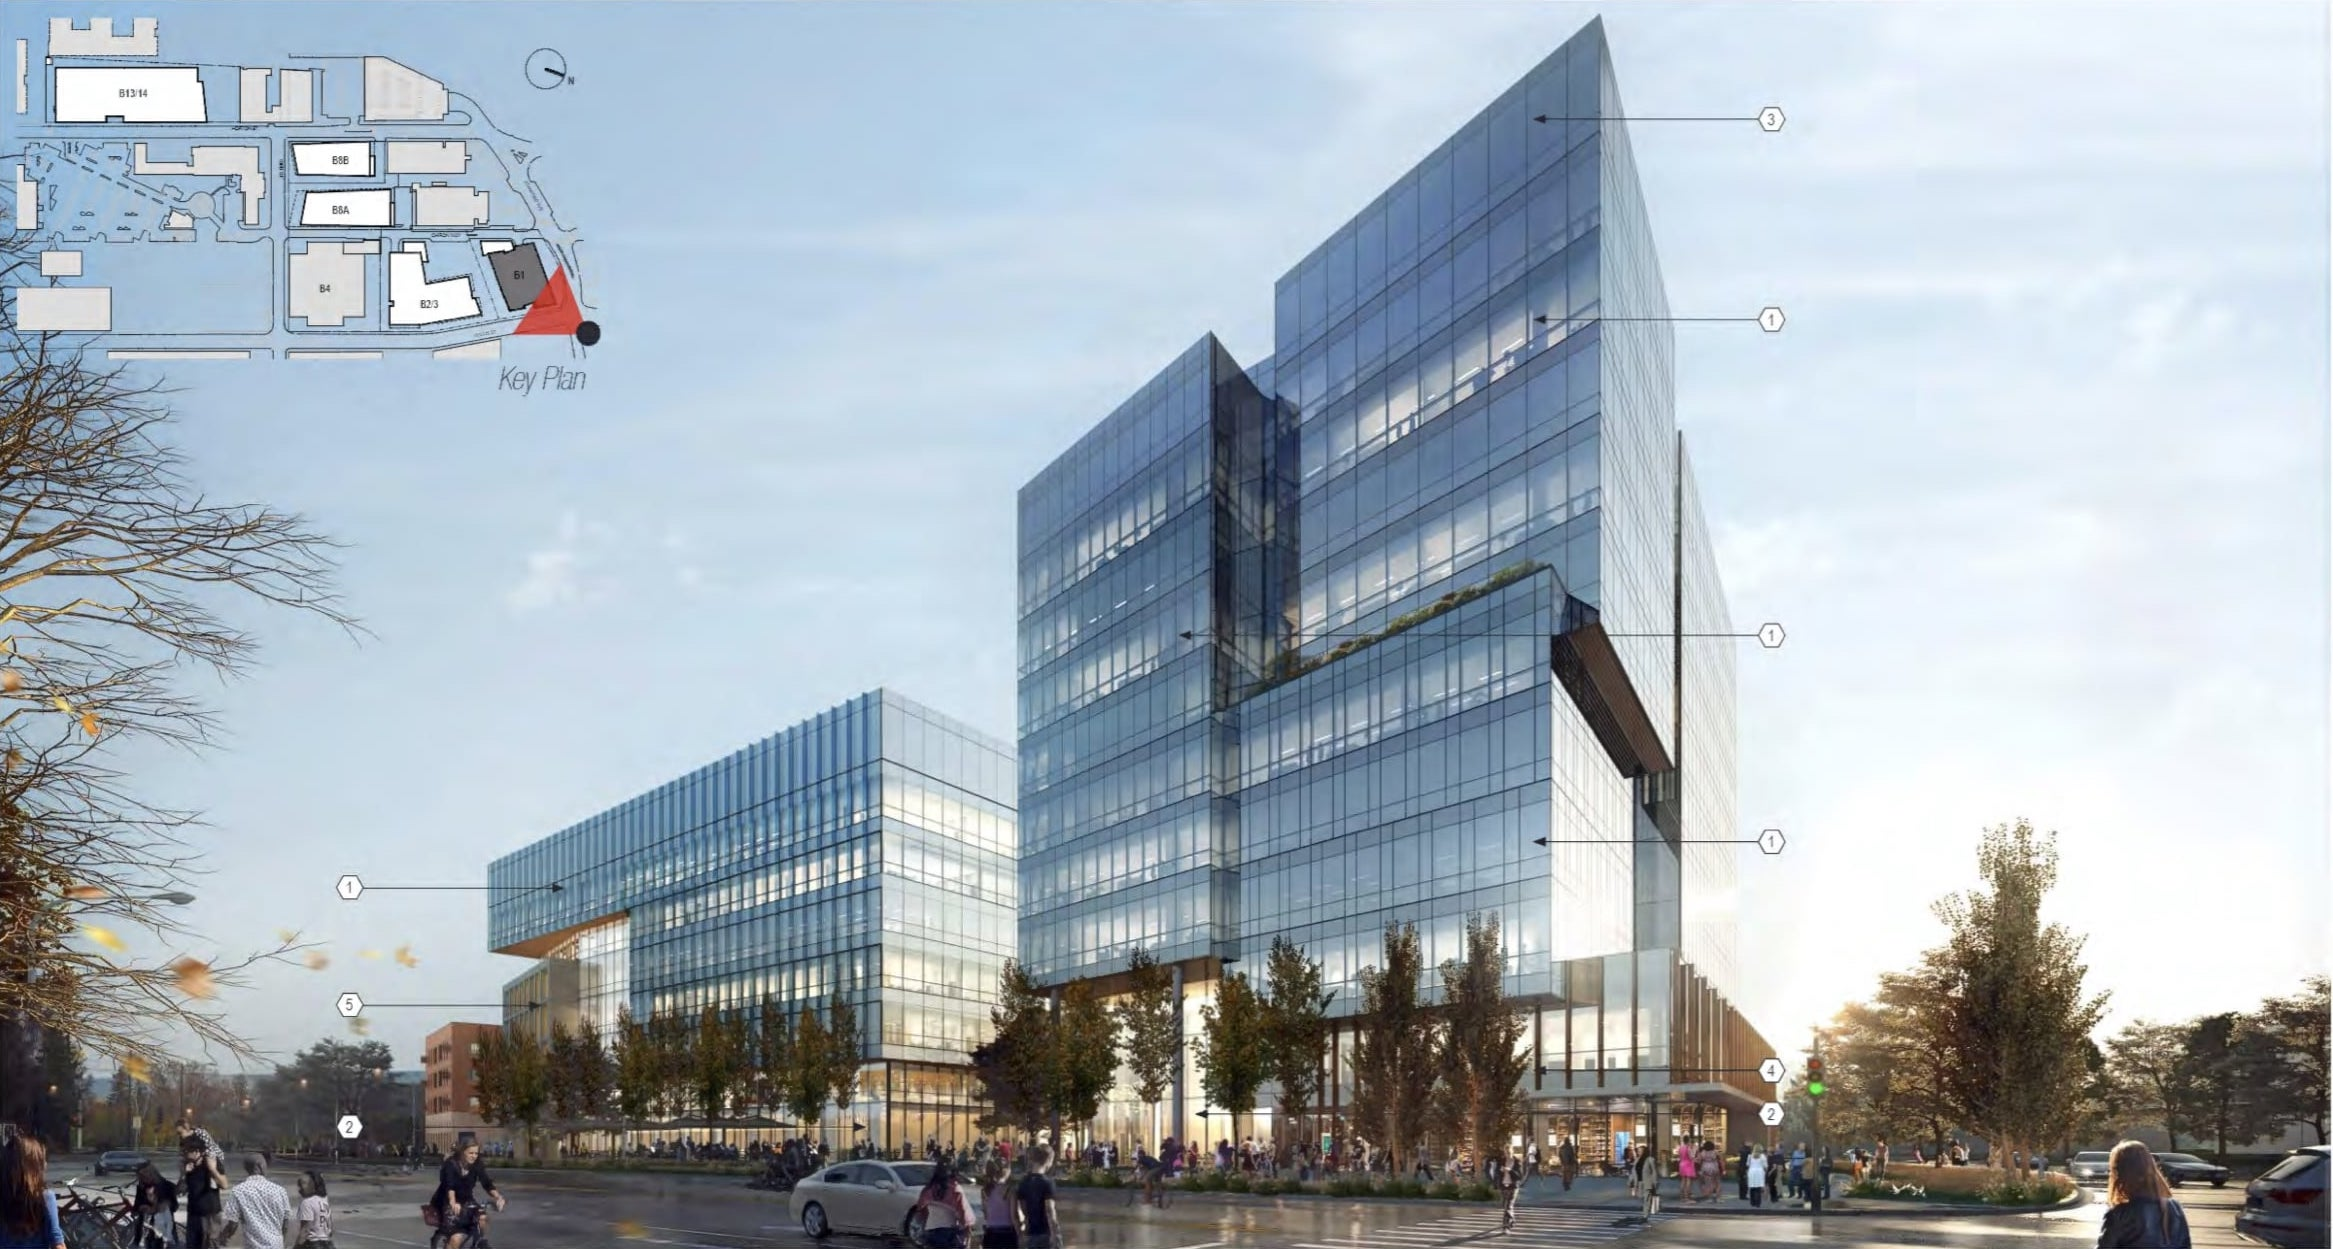 BioMed Center of Innovation